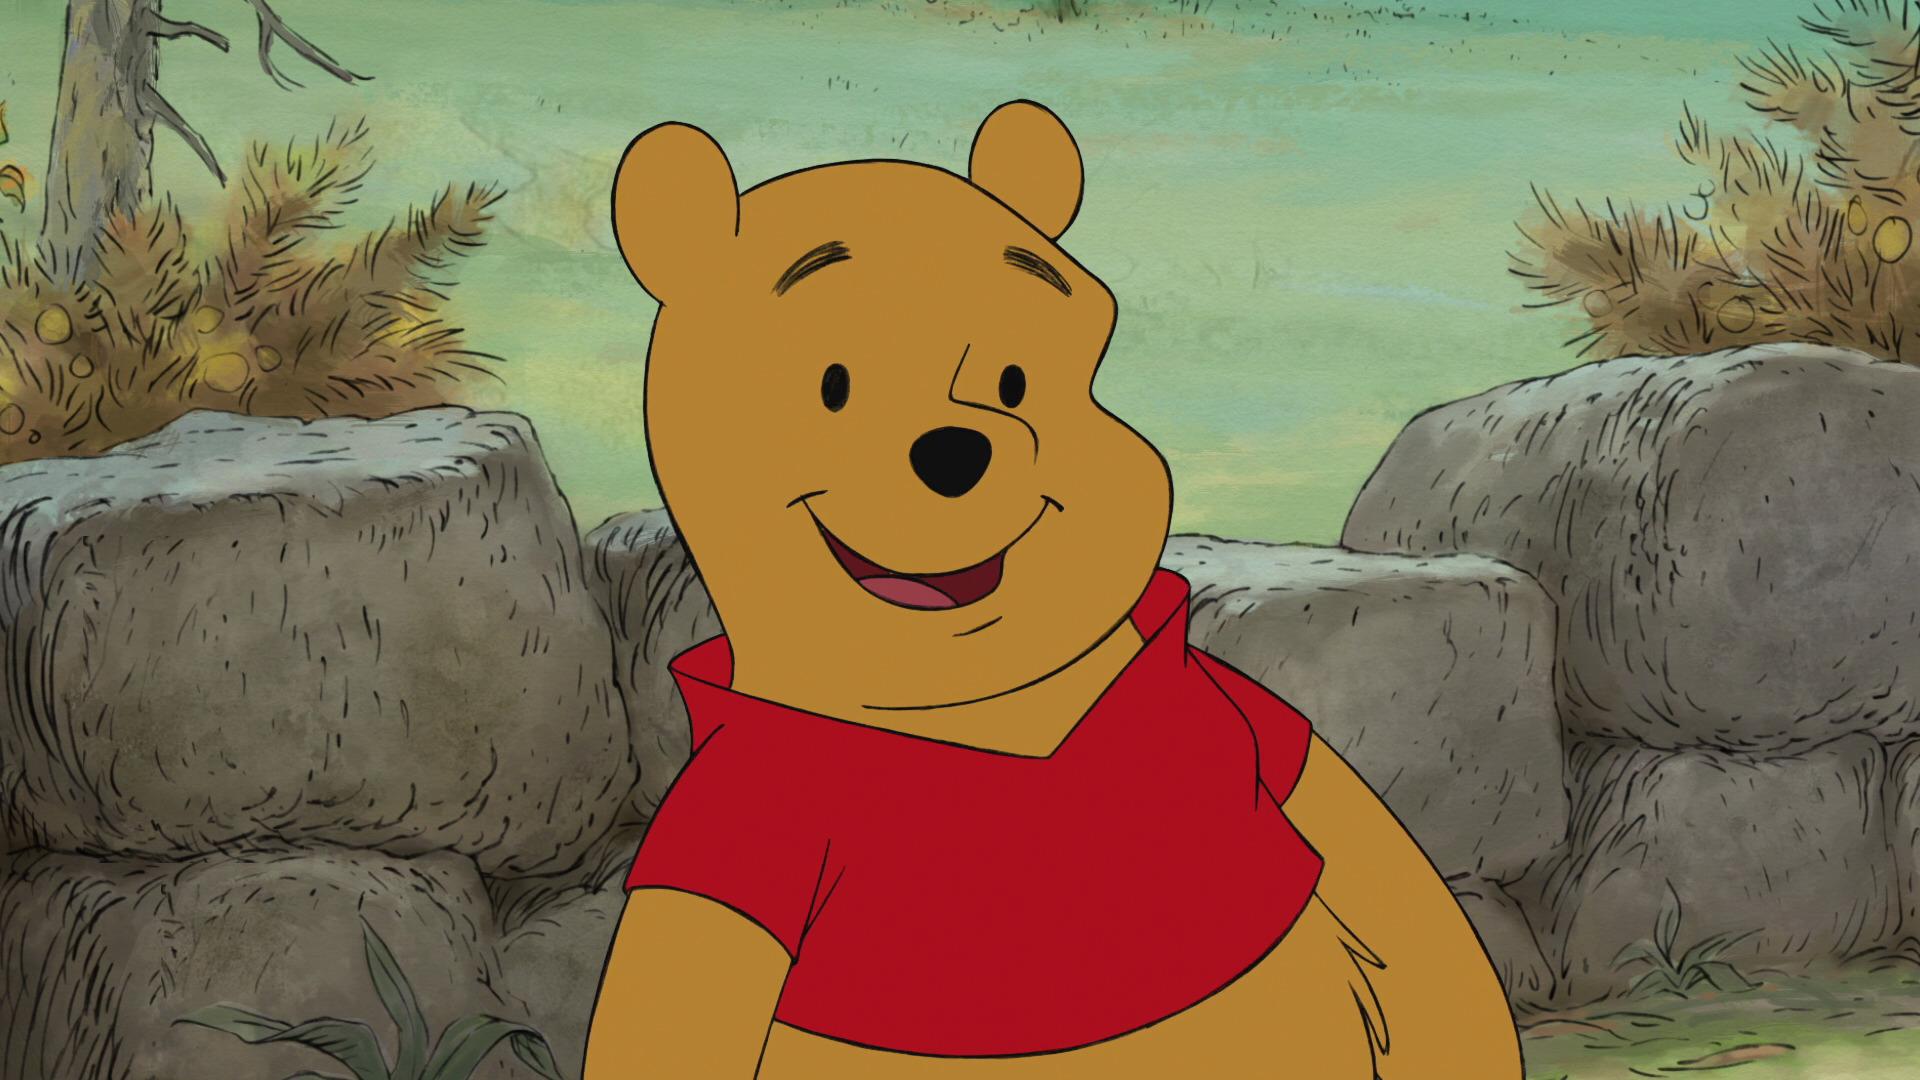 Winnie the pooh disney wiki fandom powered by wikia winnie the pooh voltagebd Choice Image